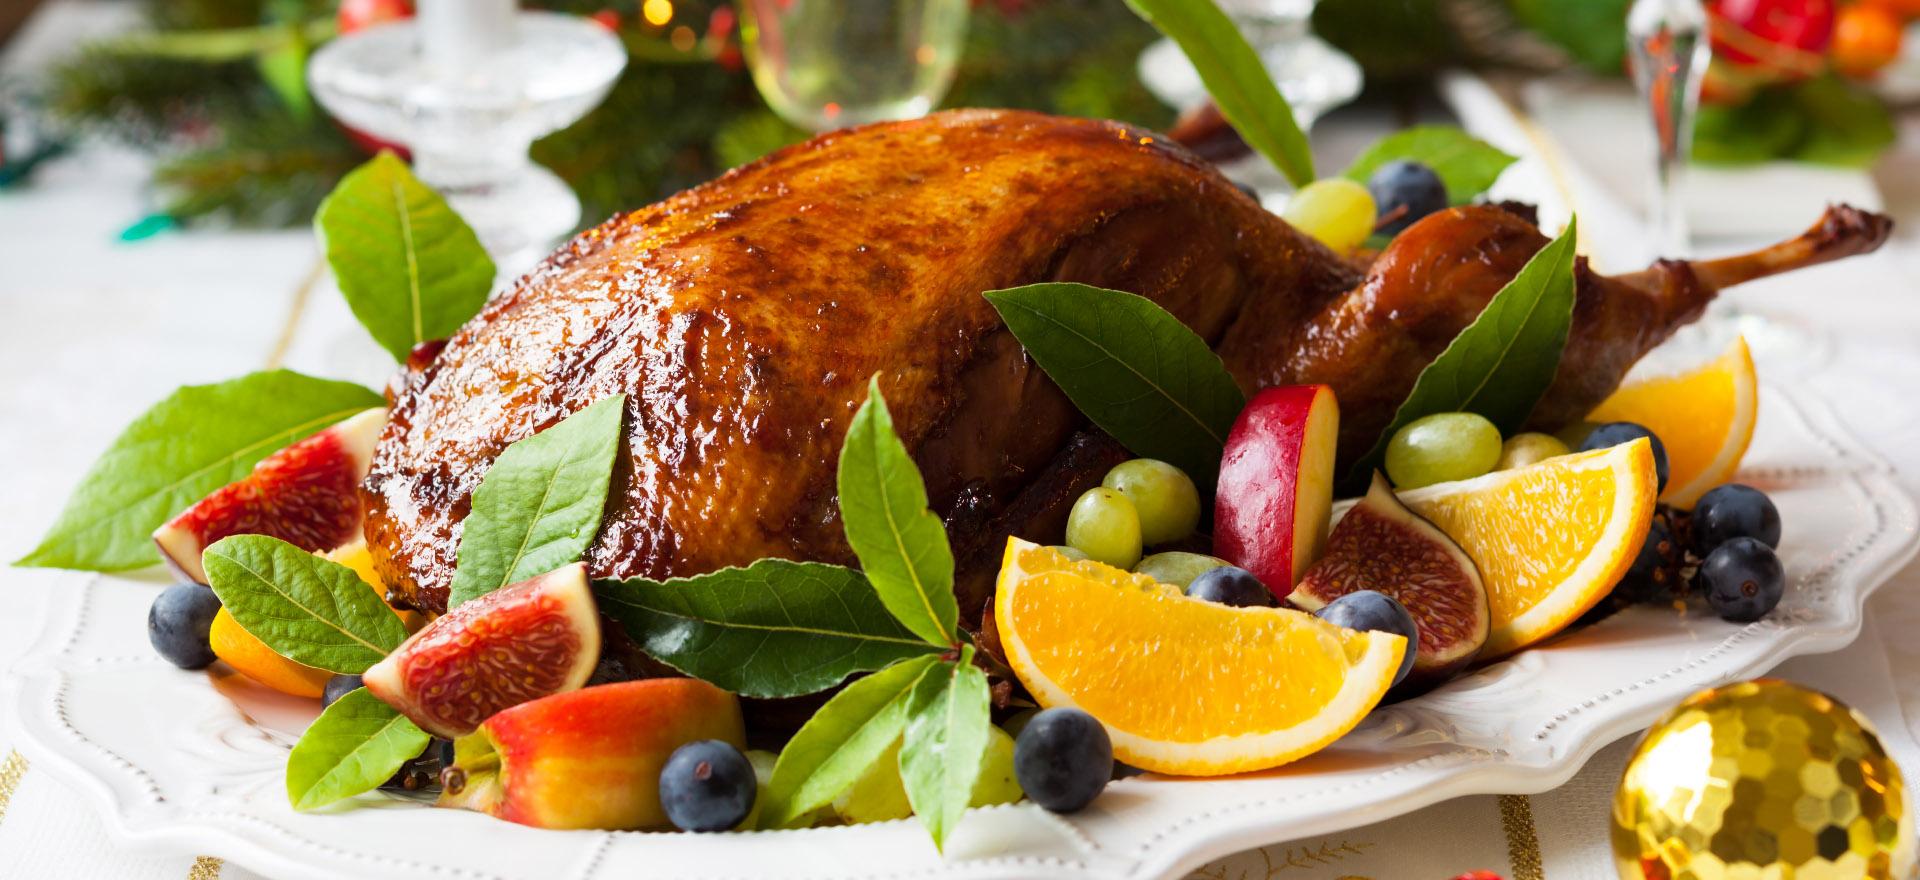 canard-roti-avec-fruits-noel-igadaigle